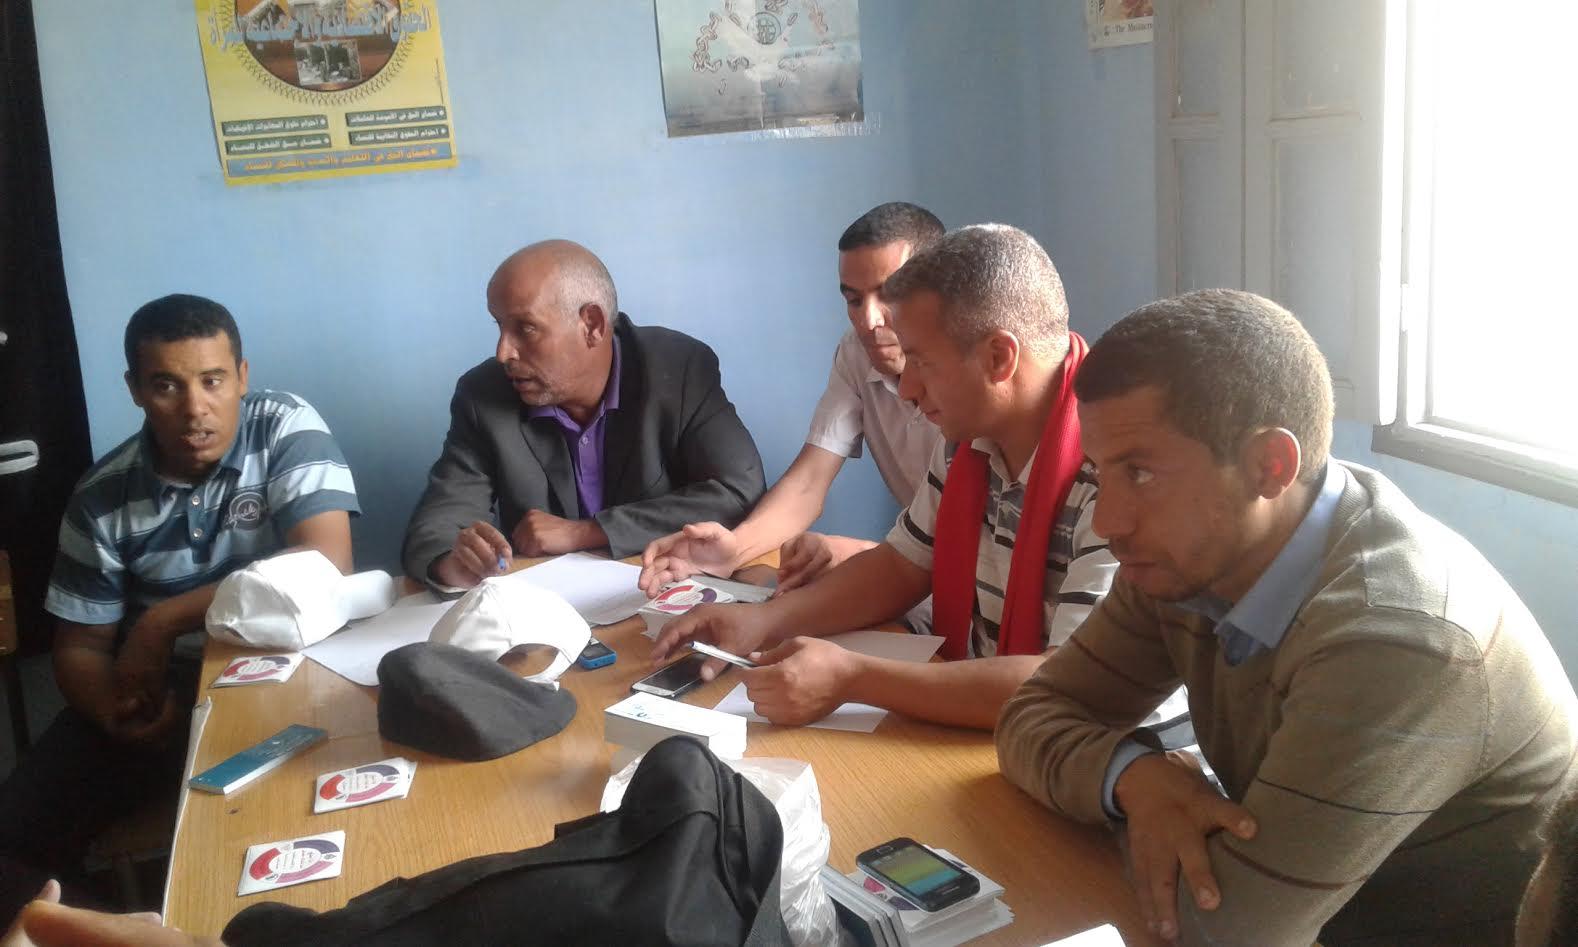 بيان المكتب الجهوي درعة تافيلالت ل FNE بعد الوقفة أمام الاكاديمية الجهوية بالراشيدية 16 أكتوبر 2016-1